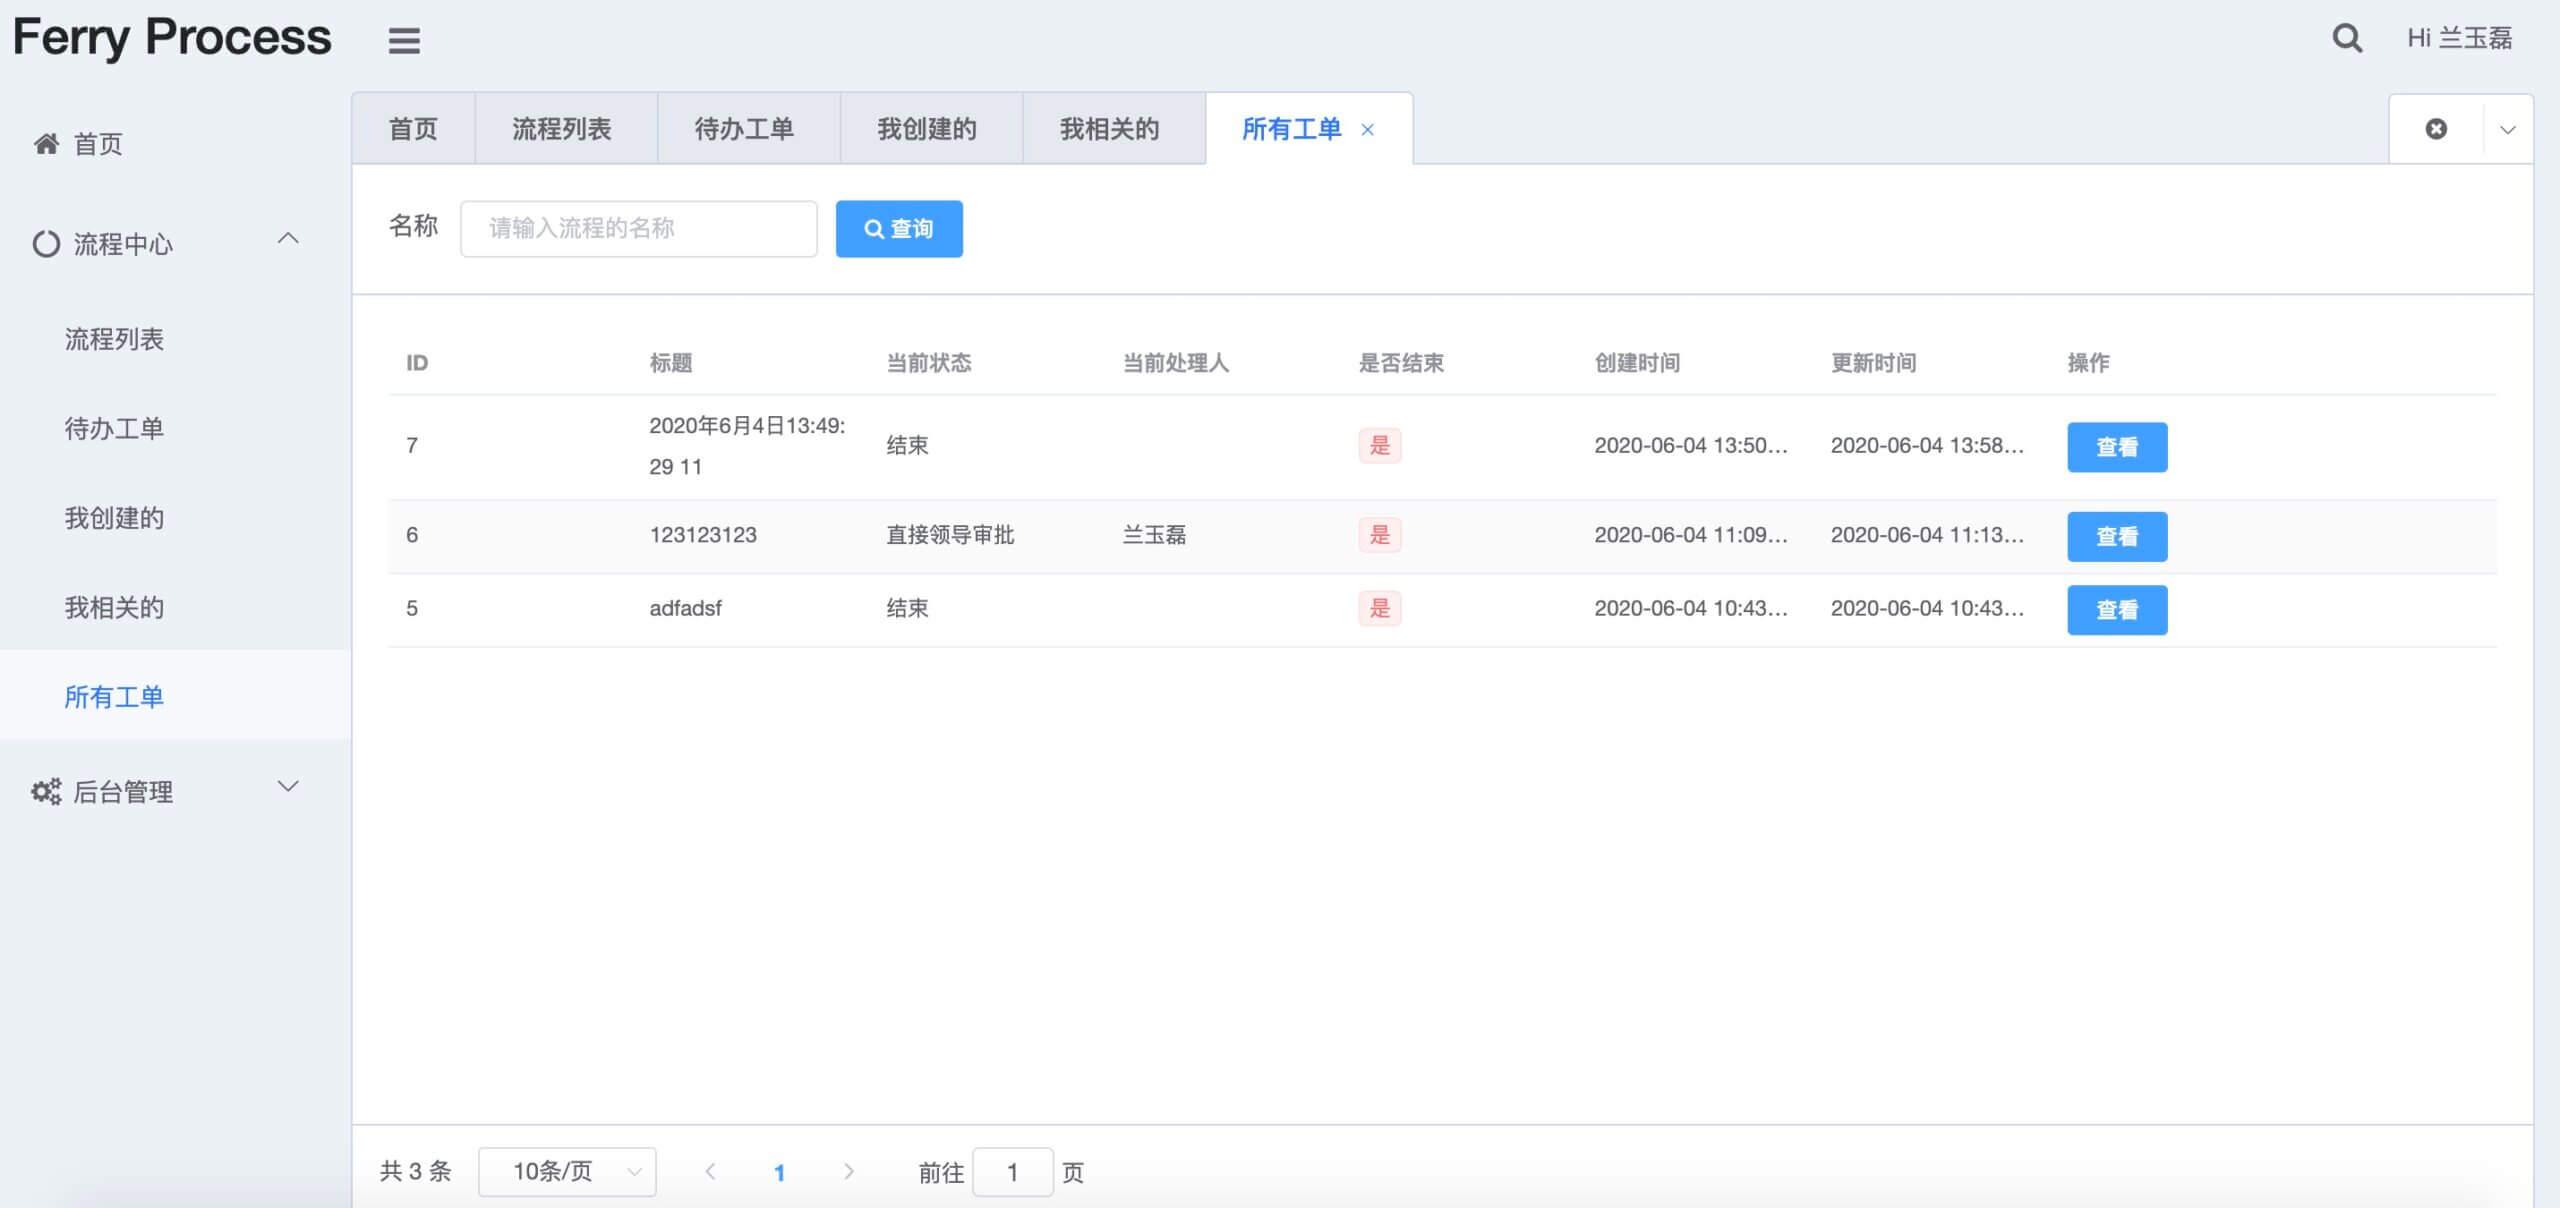 可灵活配置,人性化管理的开源工单系统